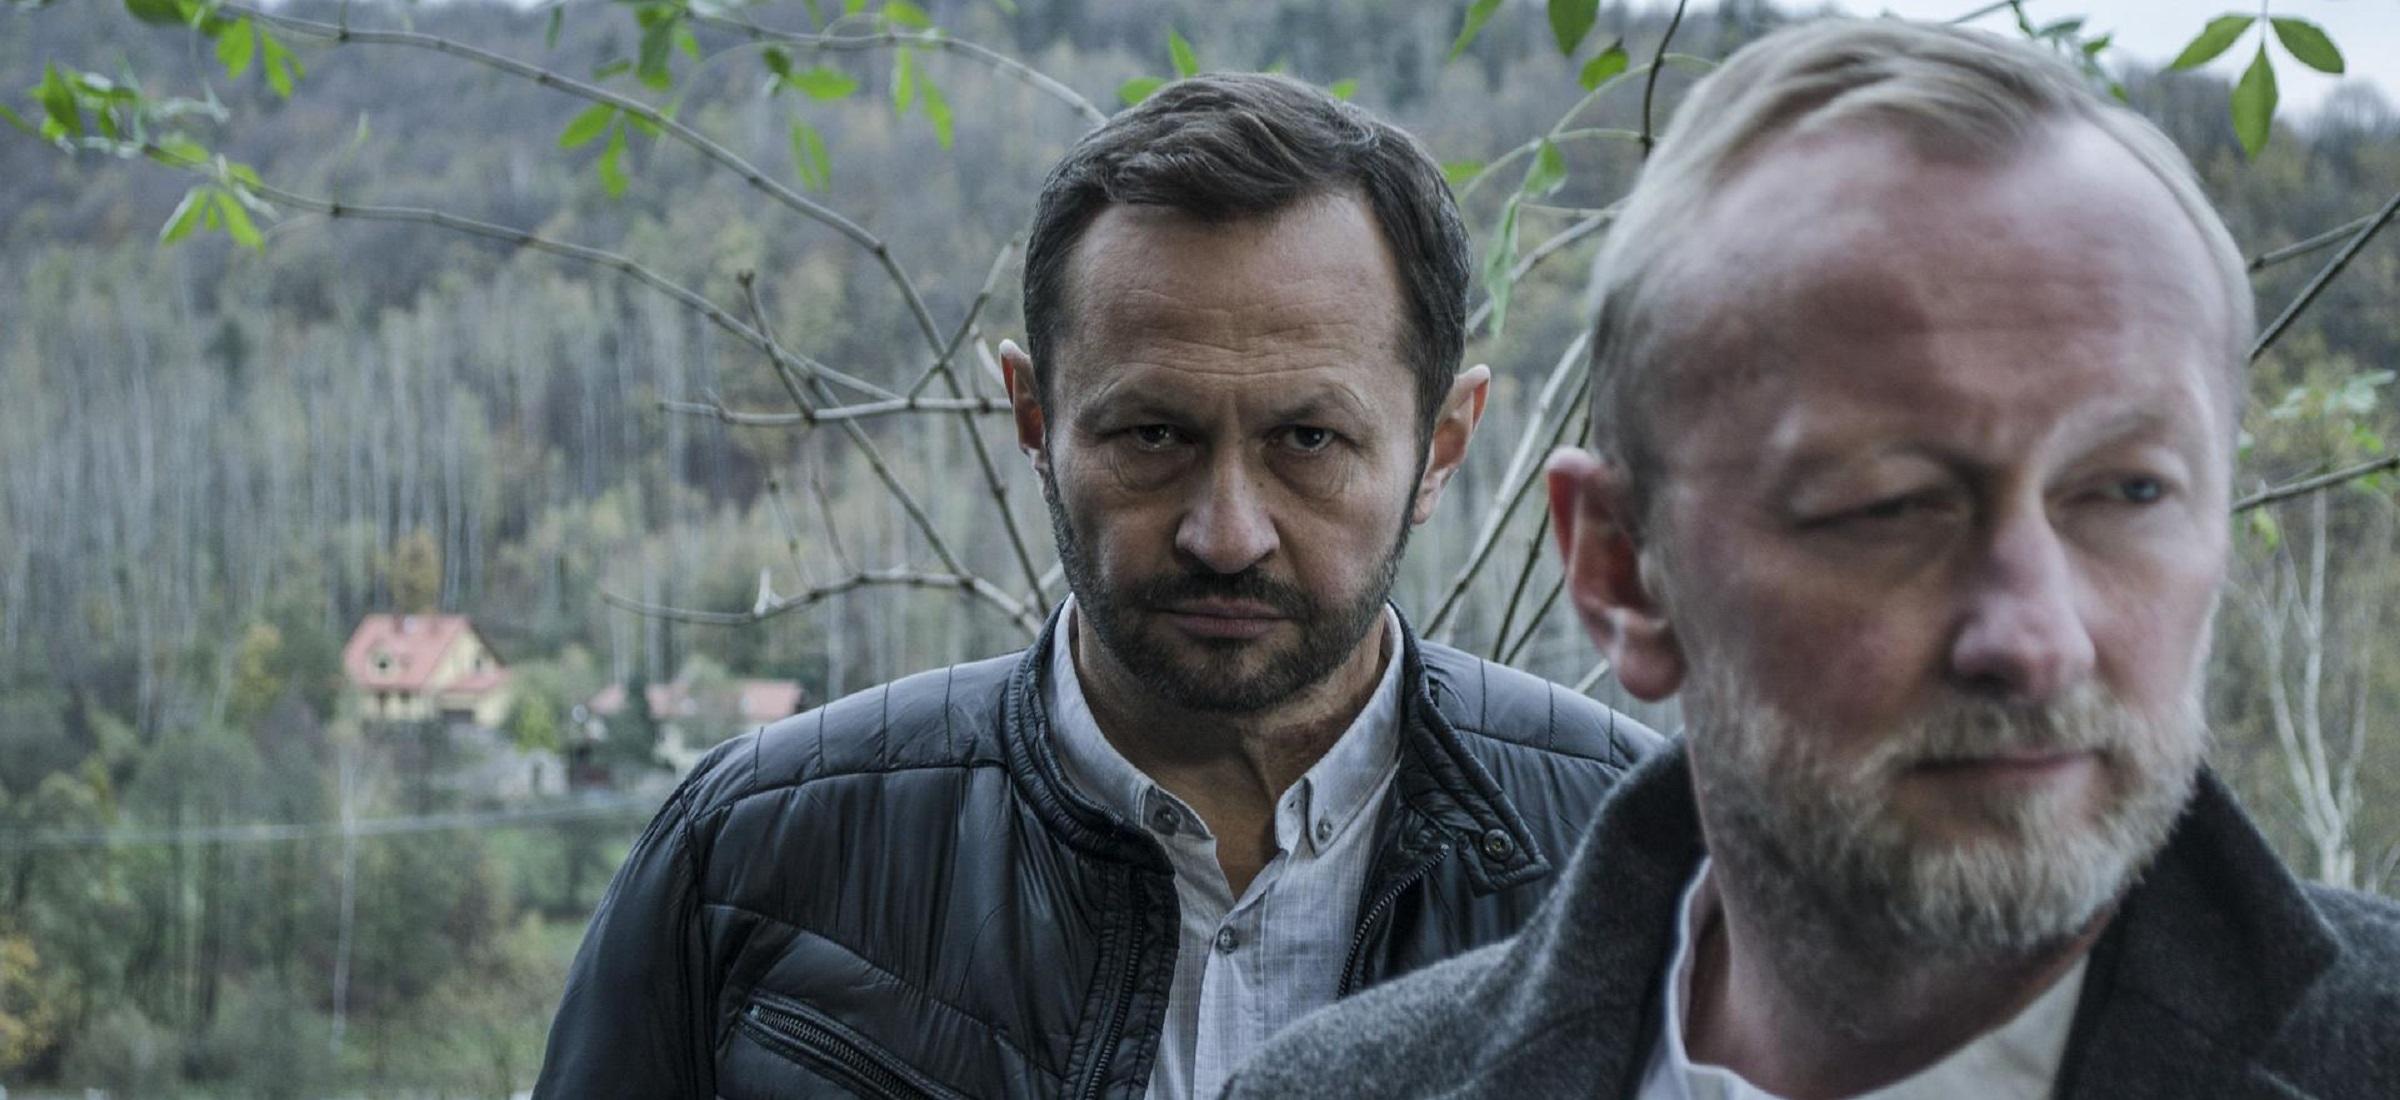 Den vresige polismästaren och den mystiske sektledaren. De kommer inte direkt överens. Foto: Netflix.